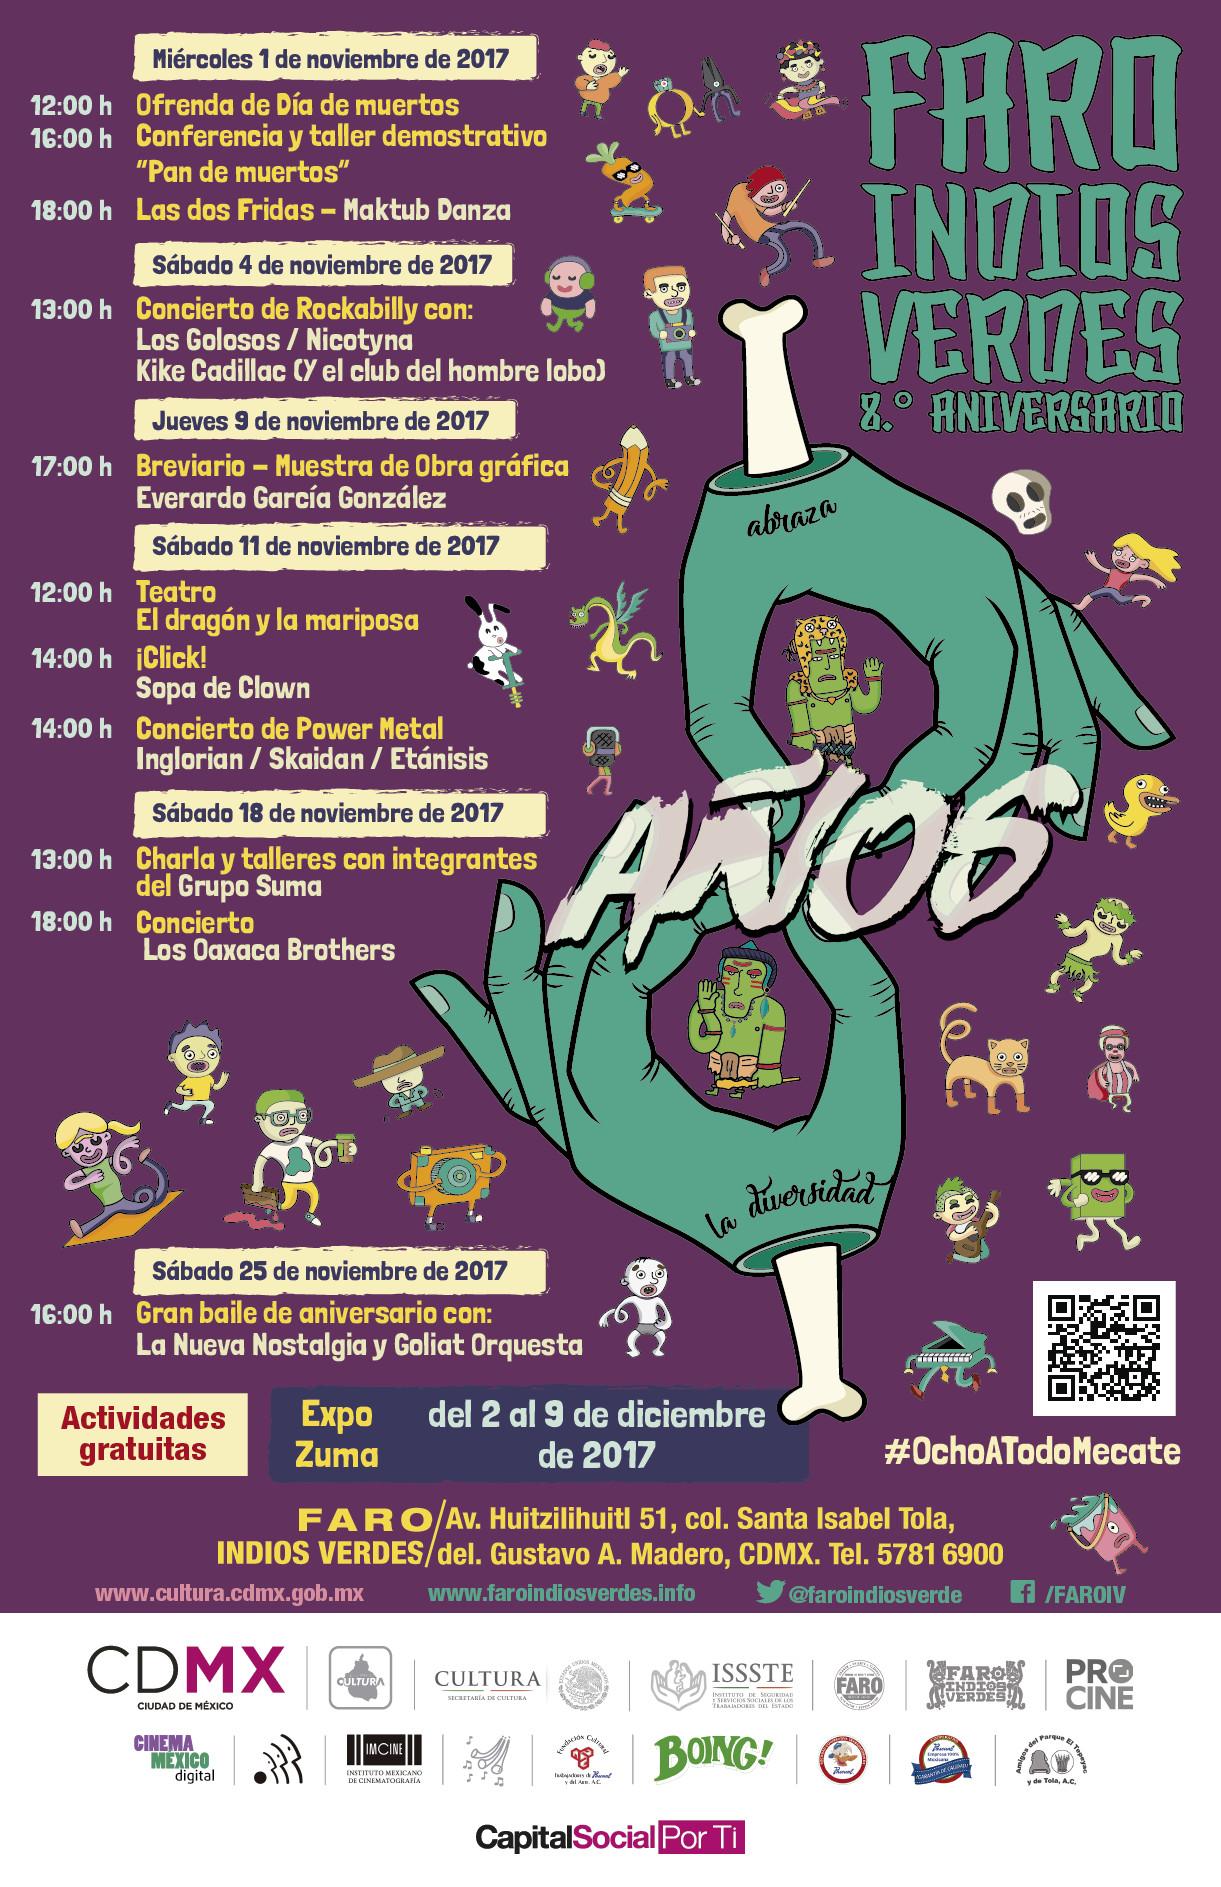 Celebrará el Faro Indios Verdes sus ocho años de vida cultural con música, baile y arte